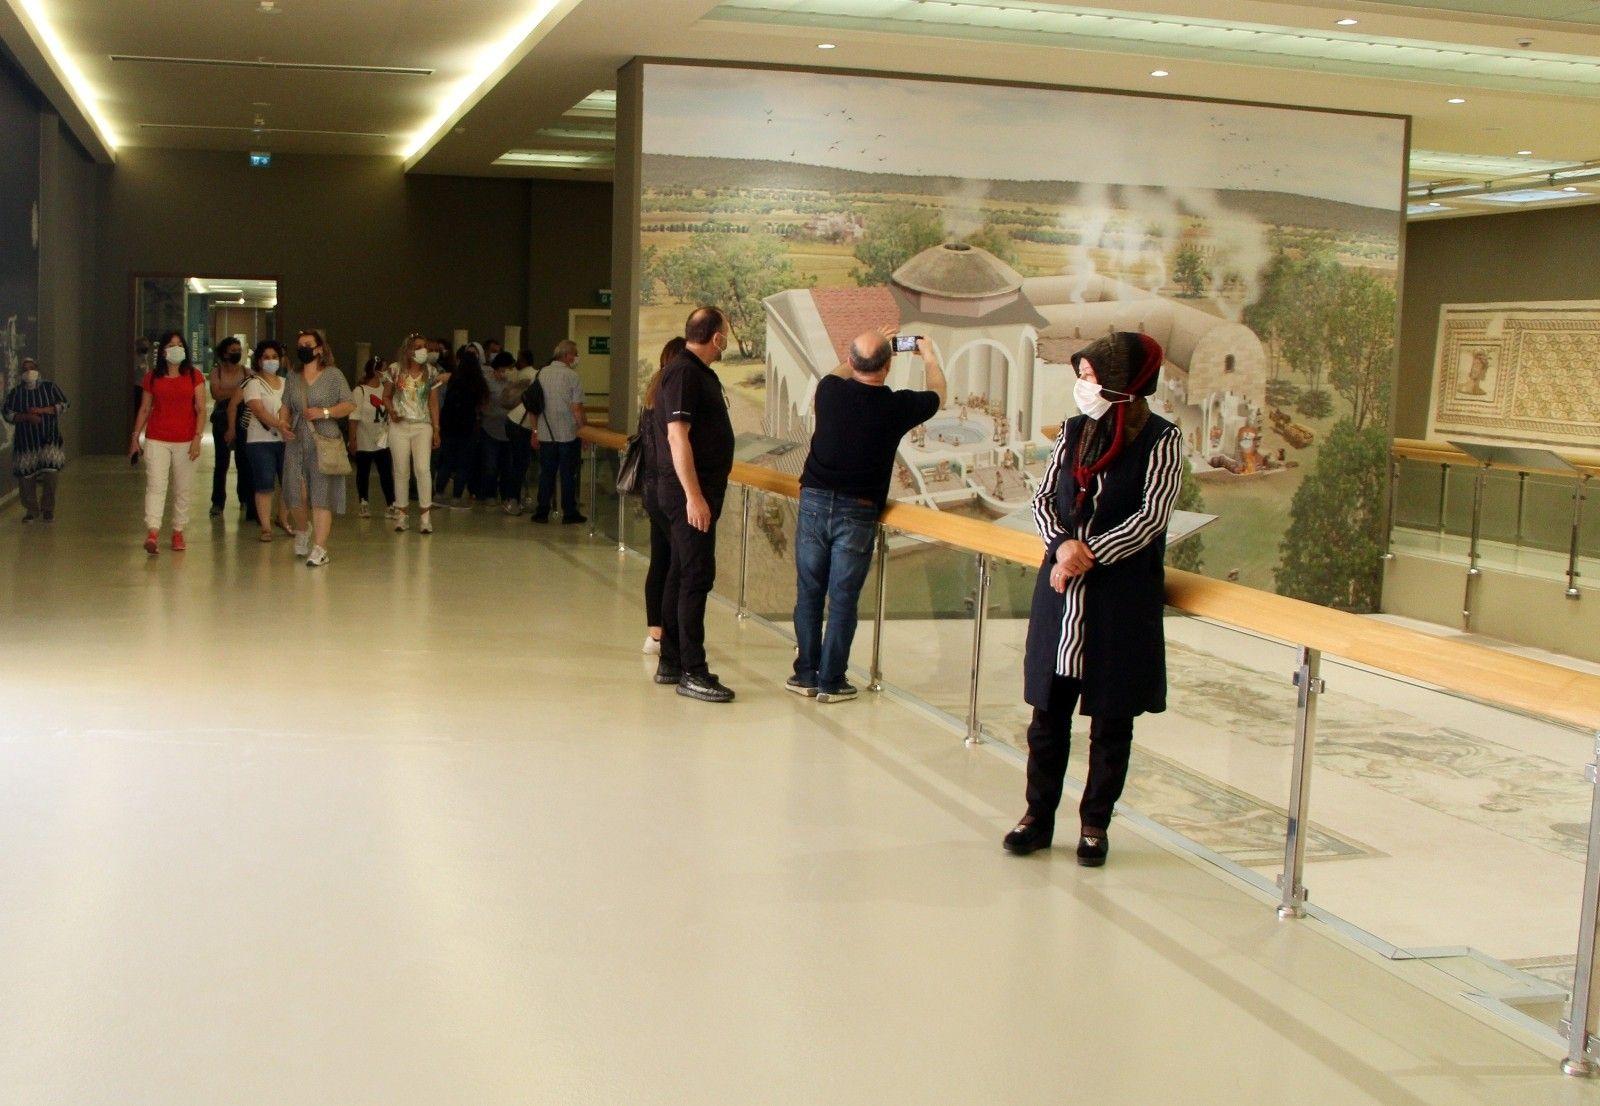 2021/06/dunyanin-en-buyuk-muzesi-ziyaretcilerini-bekliyor-20210613AW34-2.jpg